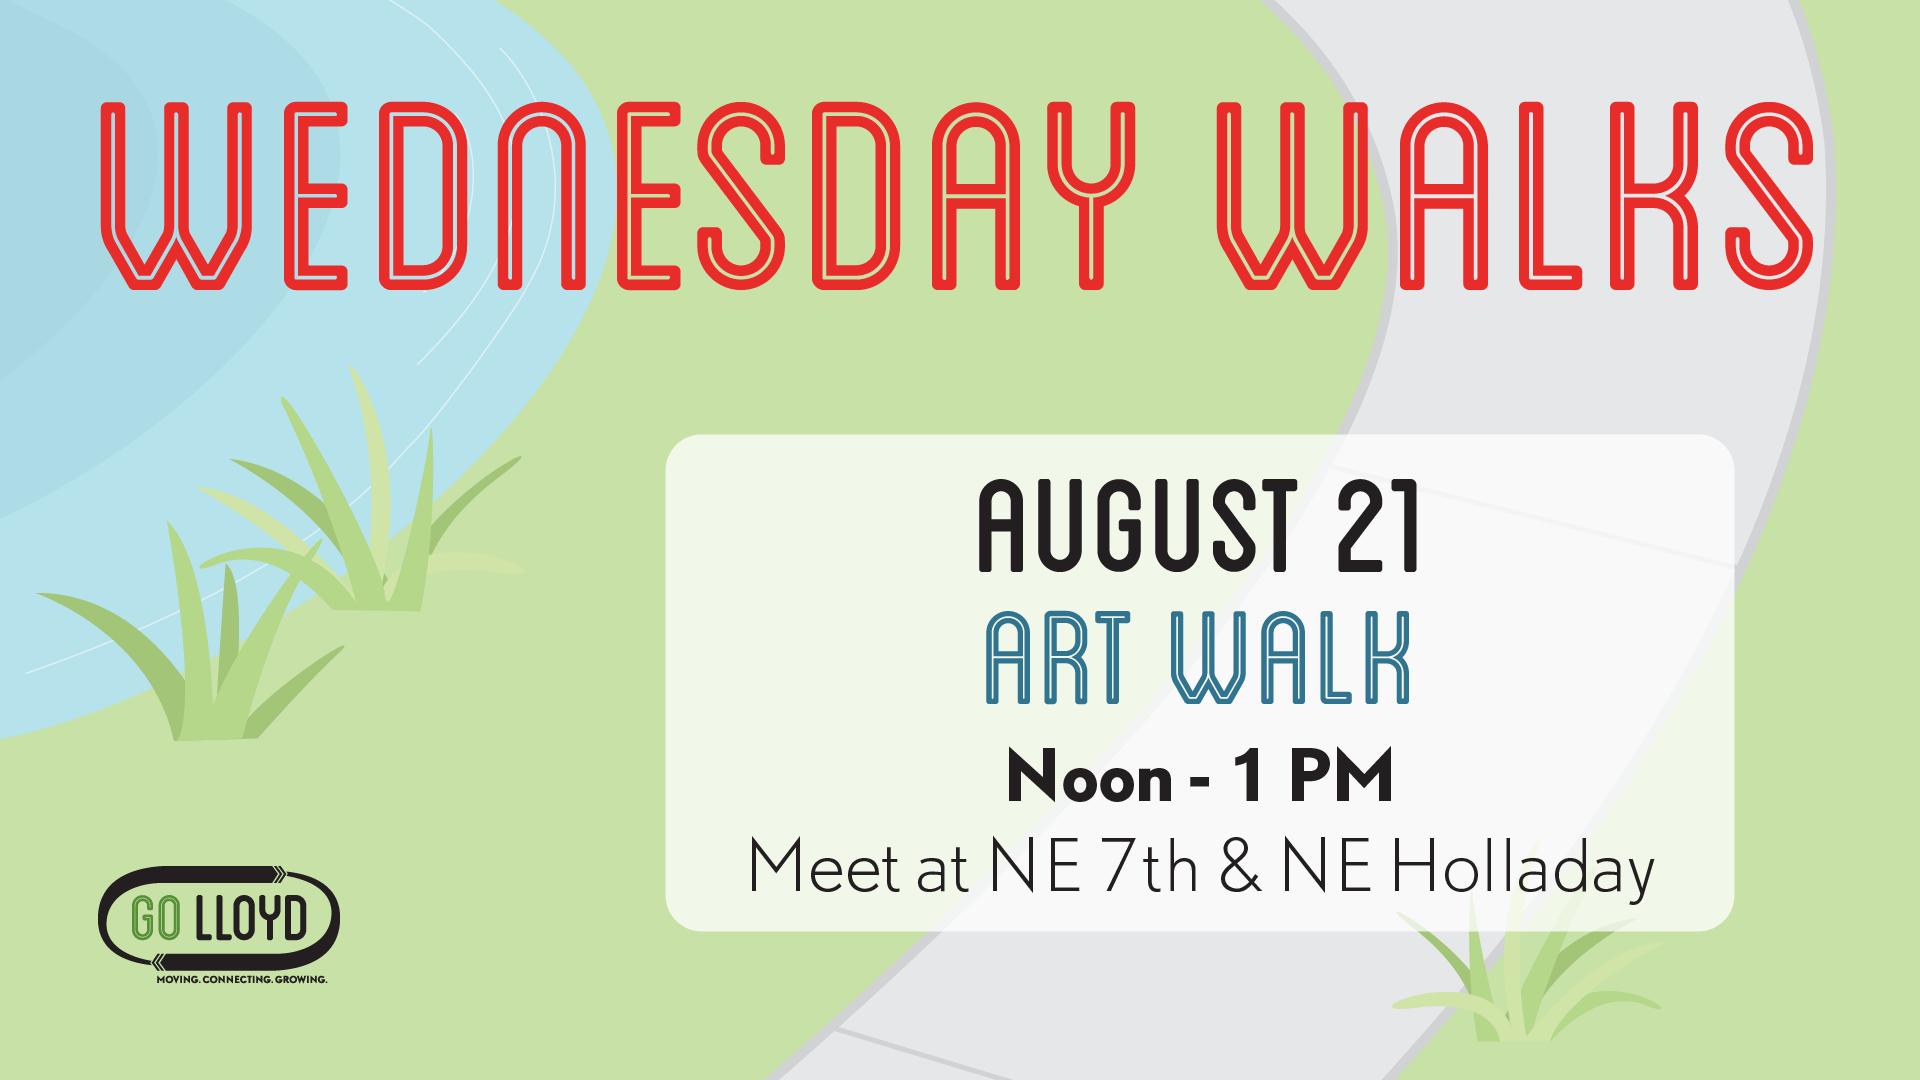 2019-08-21 Wednesday Walk Art Social.png